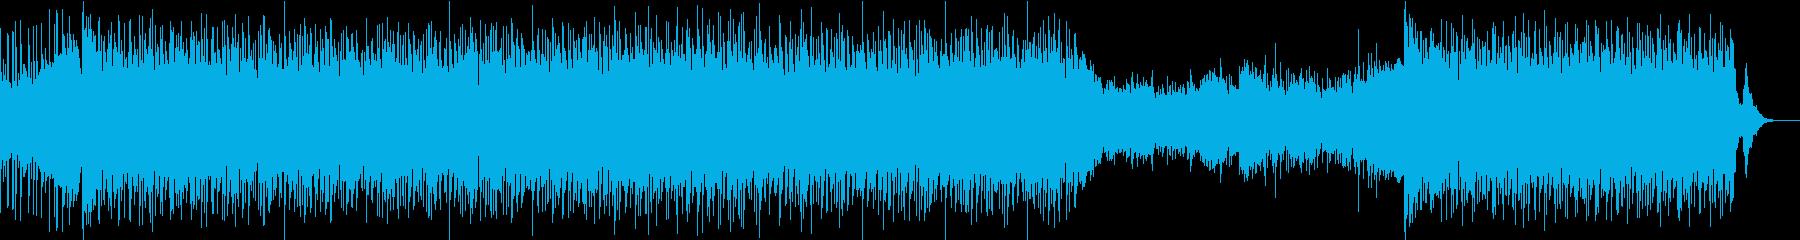 琴と笛とシンセの和風テクノの再生済みの波形